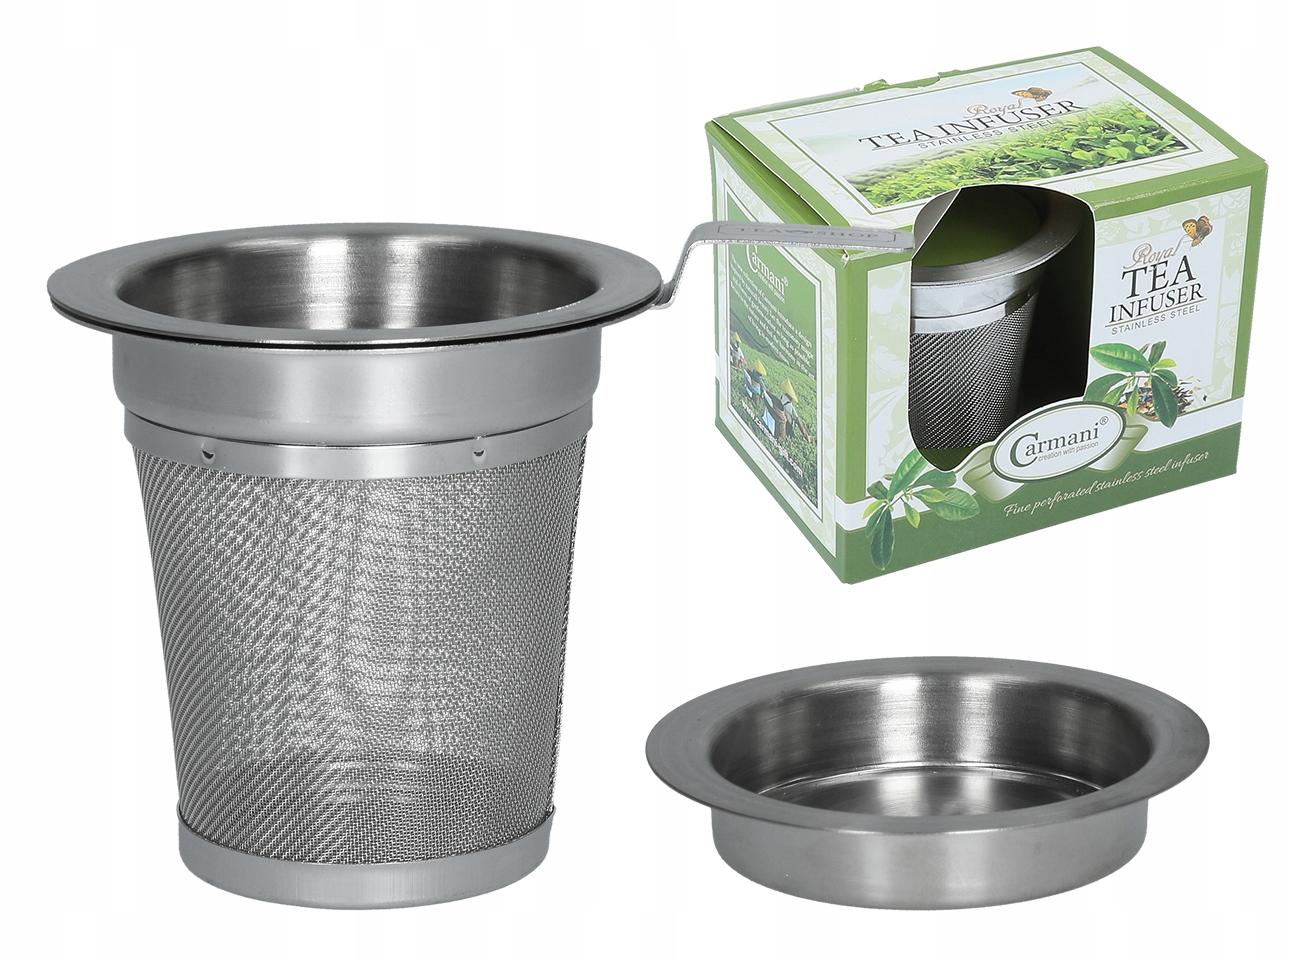 Profesjonalny Zaparzacz do Herbaty średnica 7,5cm